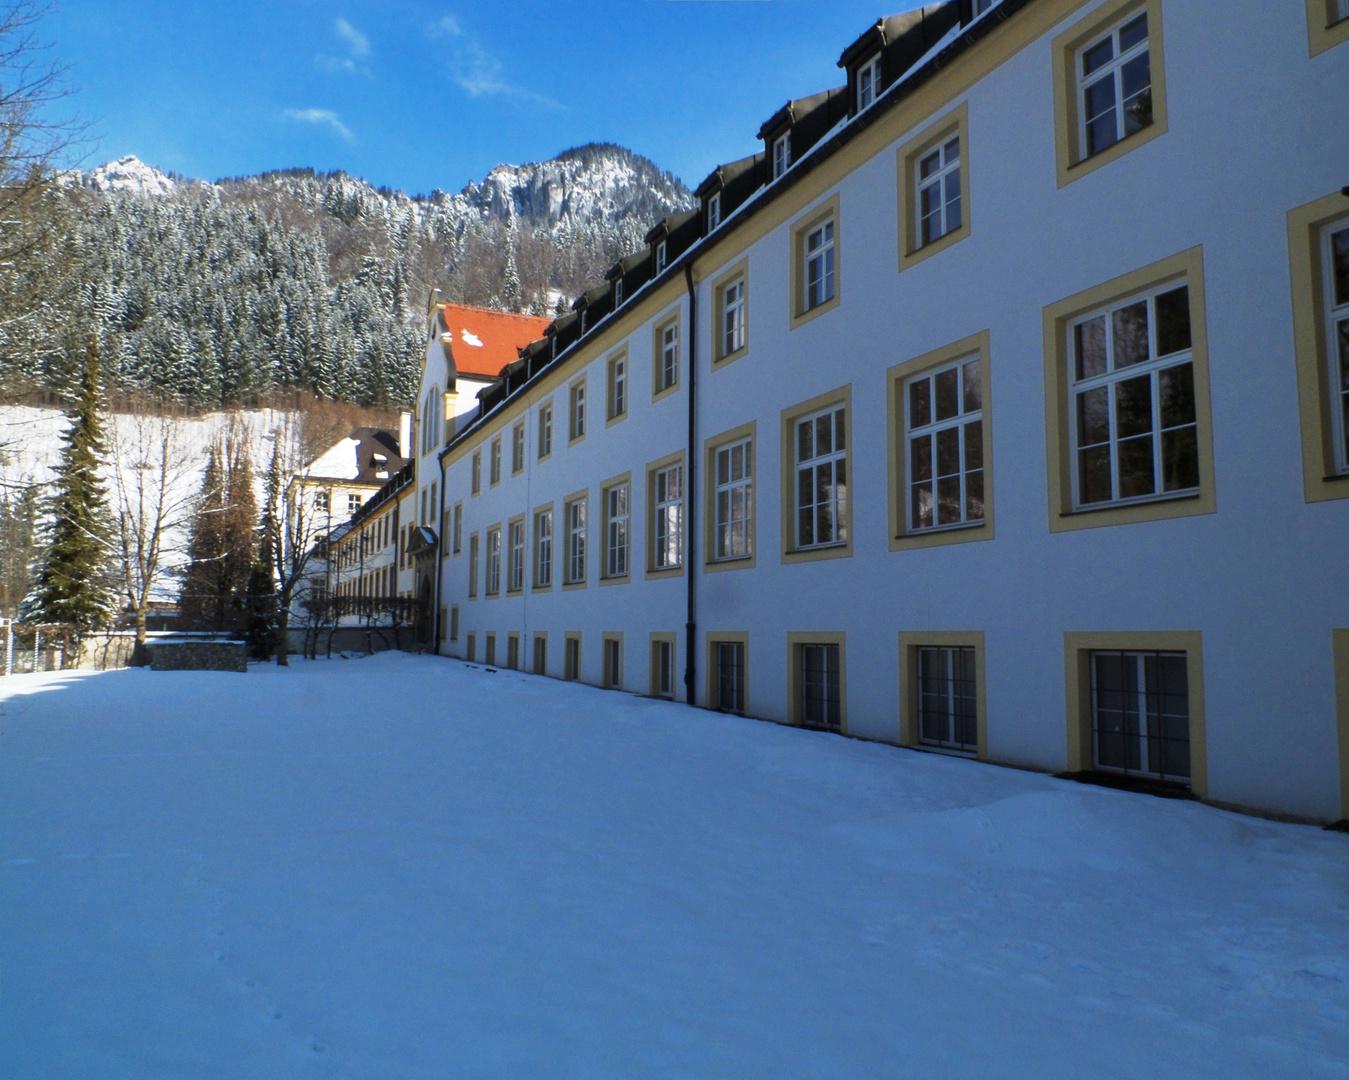 Westfassade von Kloster Ettal